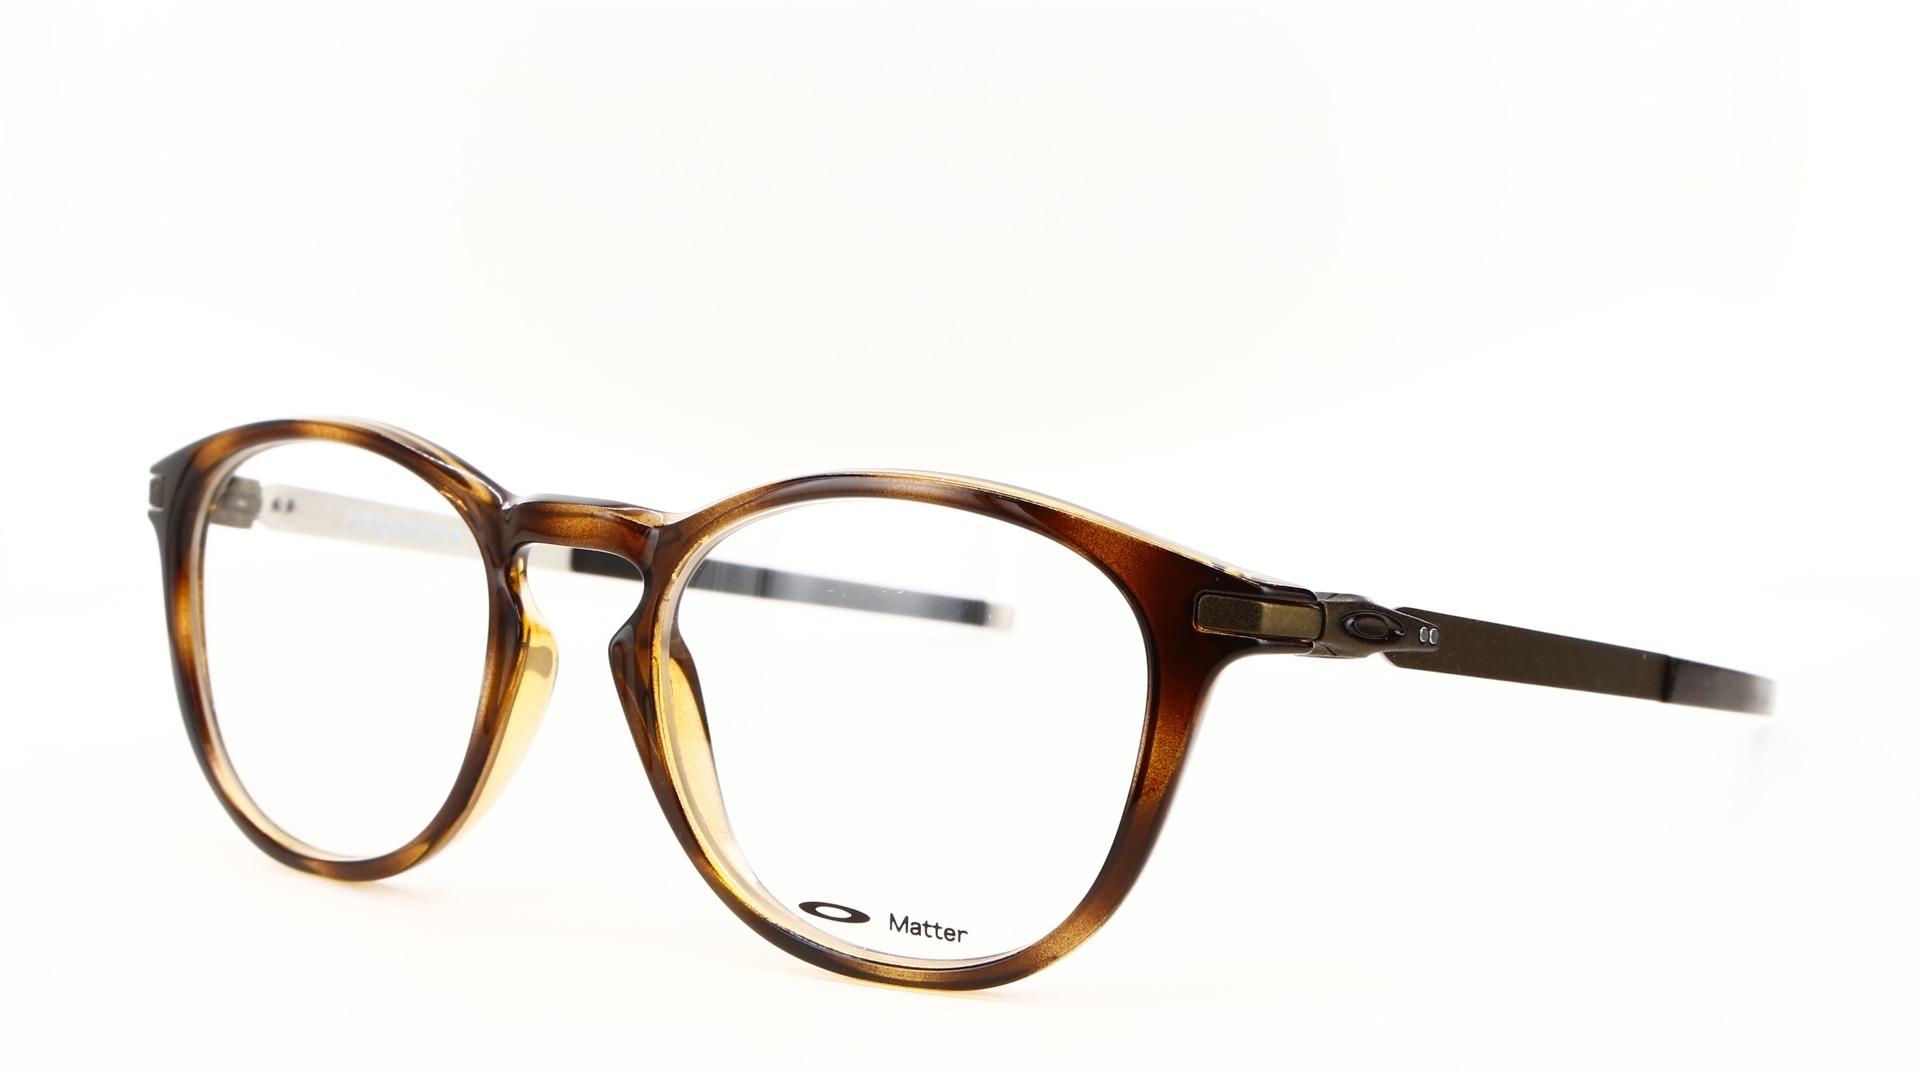 Oakley - ref: 78526